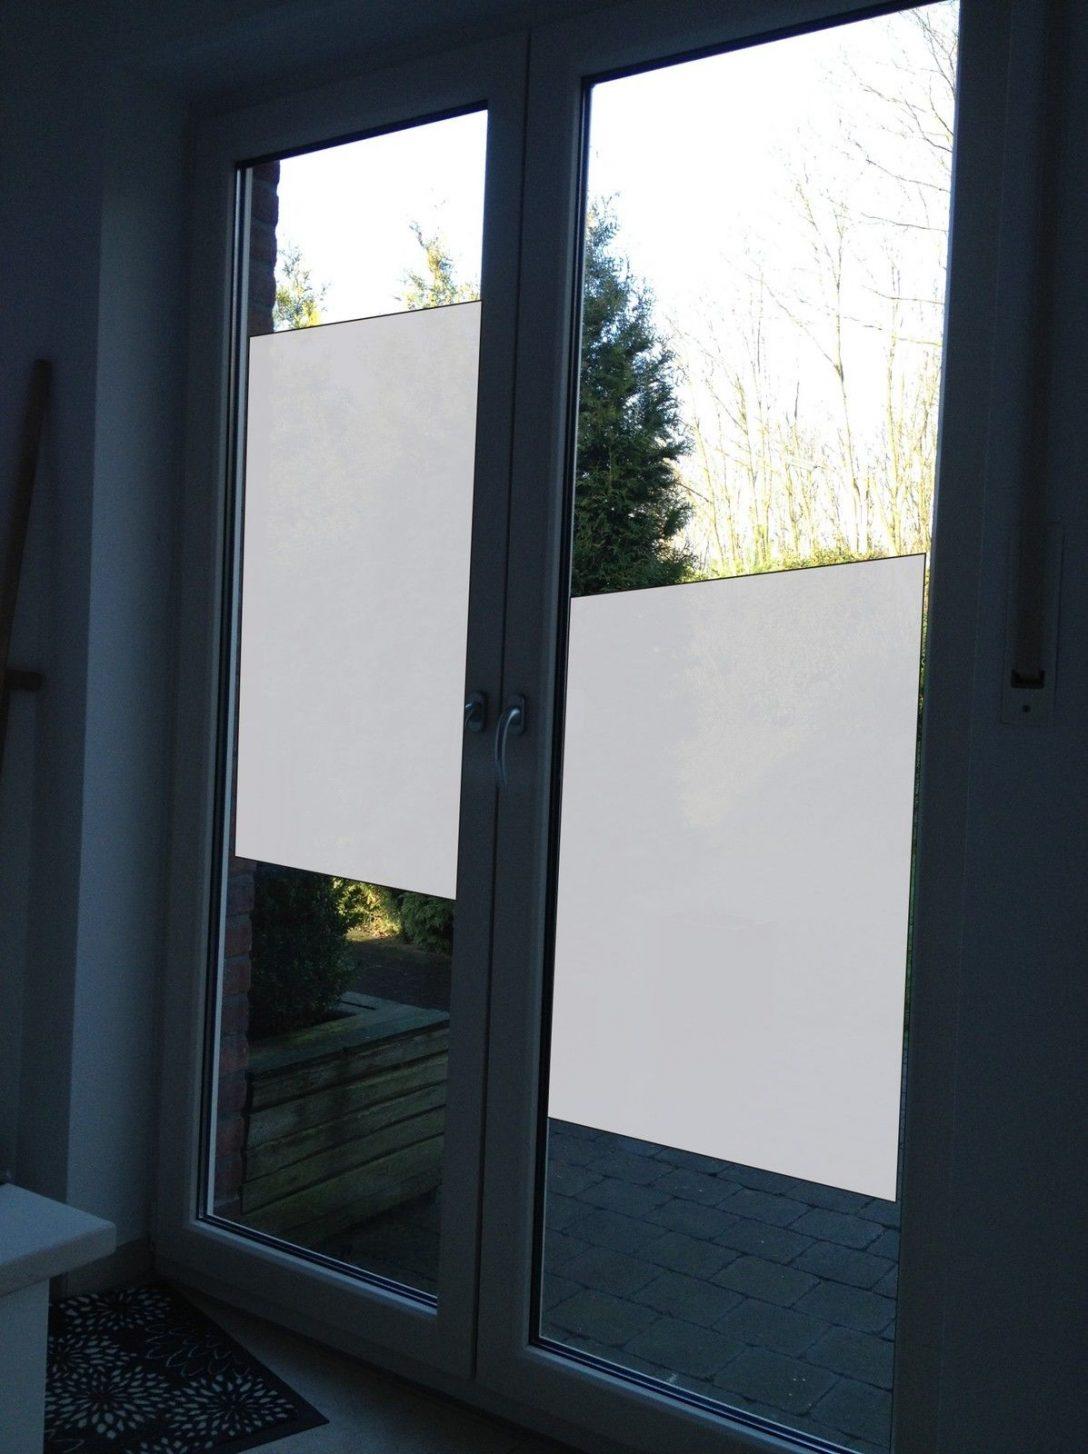 Large Size of Sicherheitsfolie Fenster S Folie Mehr Als 200 Angebote Günstige Kbe Sonnenschutz Online Konfigurieren Innen Dampfreiniger Schüco Rolladen Nachträglich Fenster Sicherheitsfolie Fenster